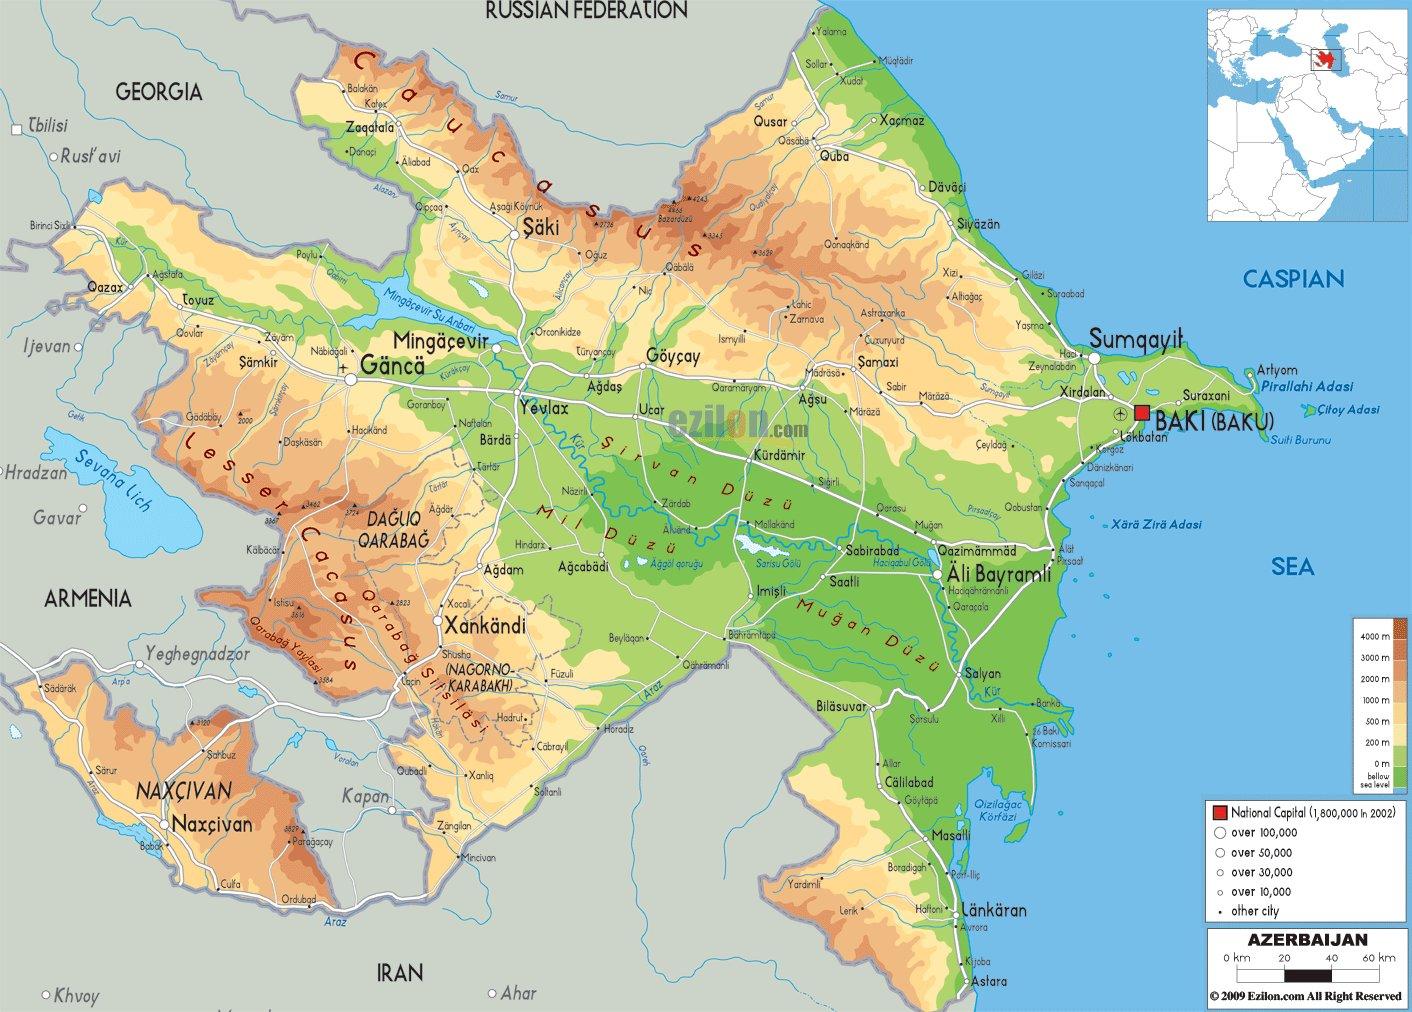 Karty Azerbajdzhana Podrobnaya Karta Azerbajdzhana Na Russkom Yazyke